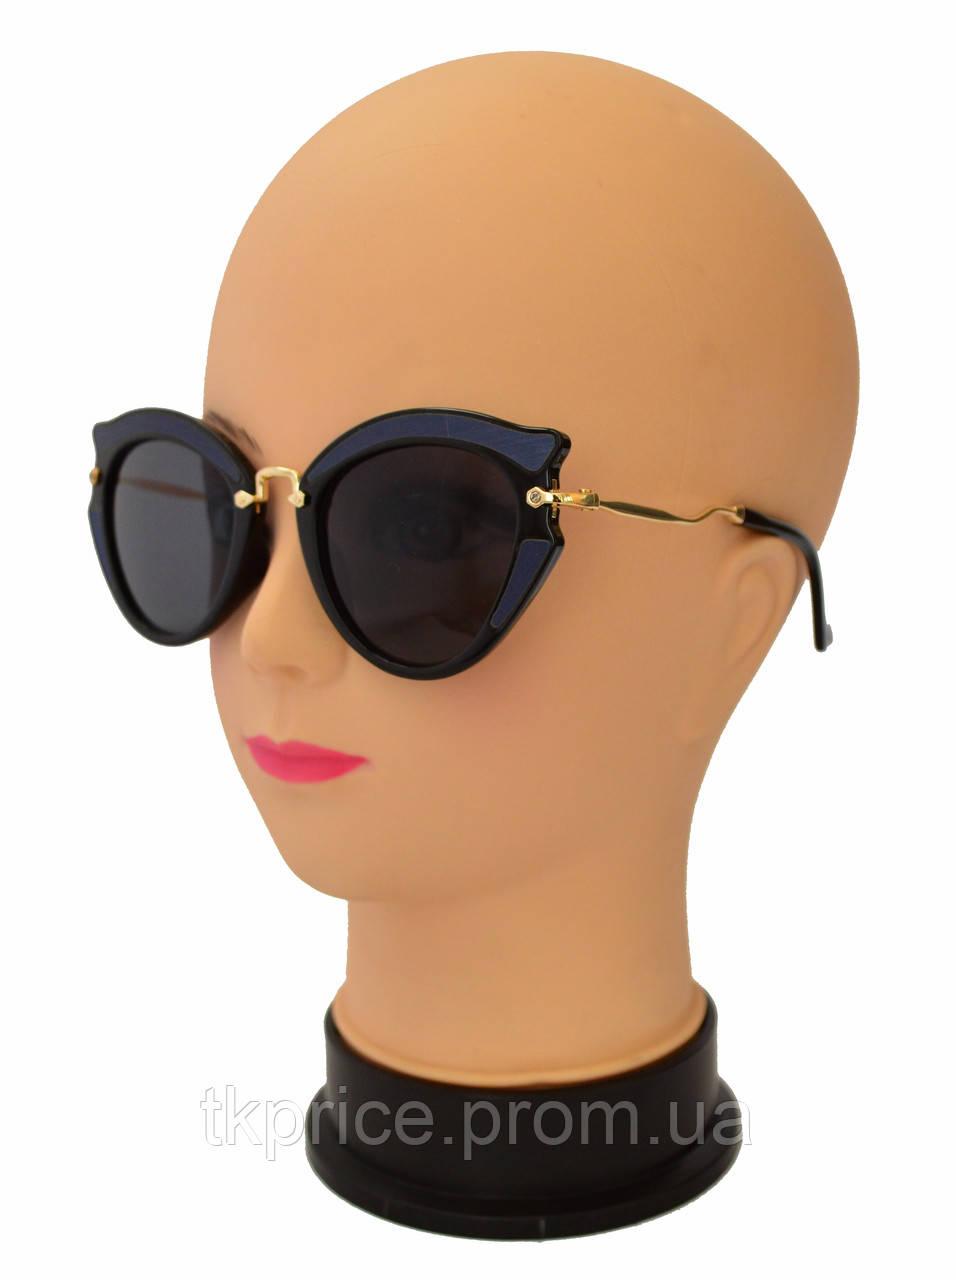 Женские стильные солнцезащитные очки  Aedoll 1561